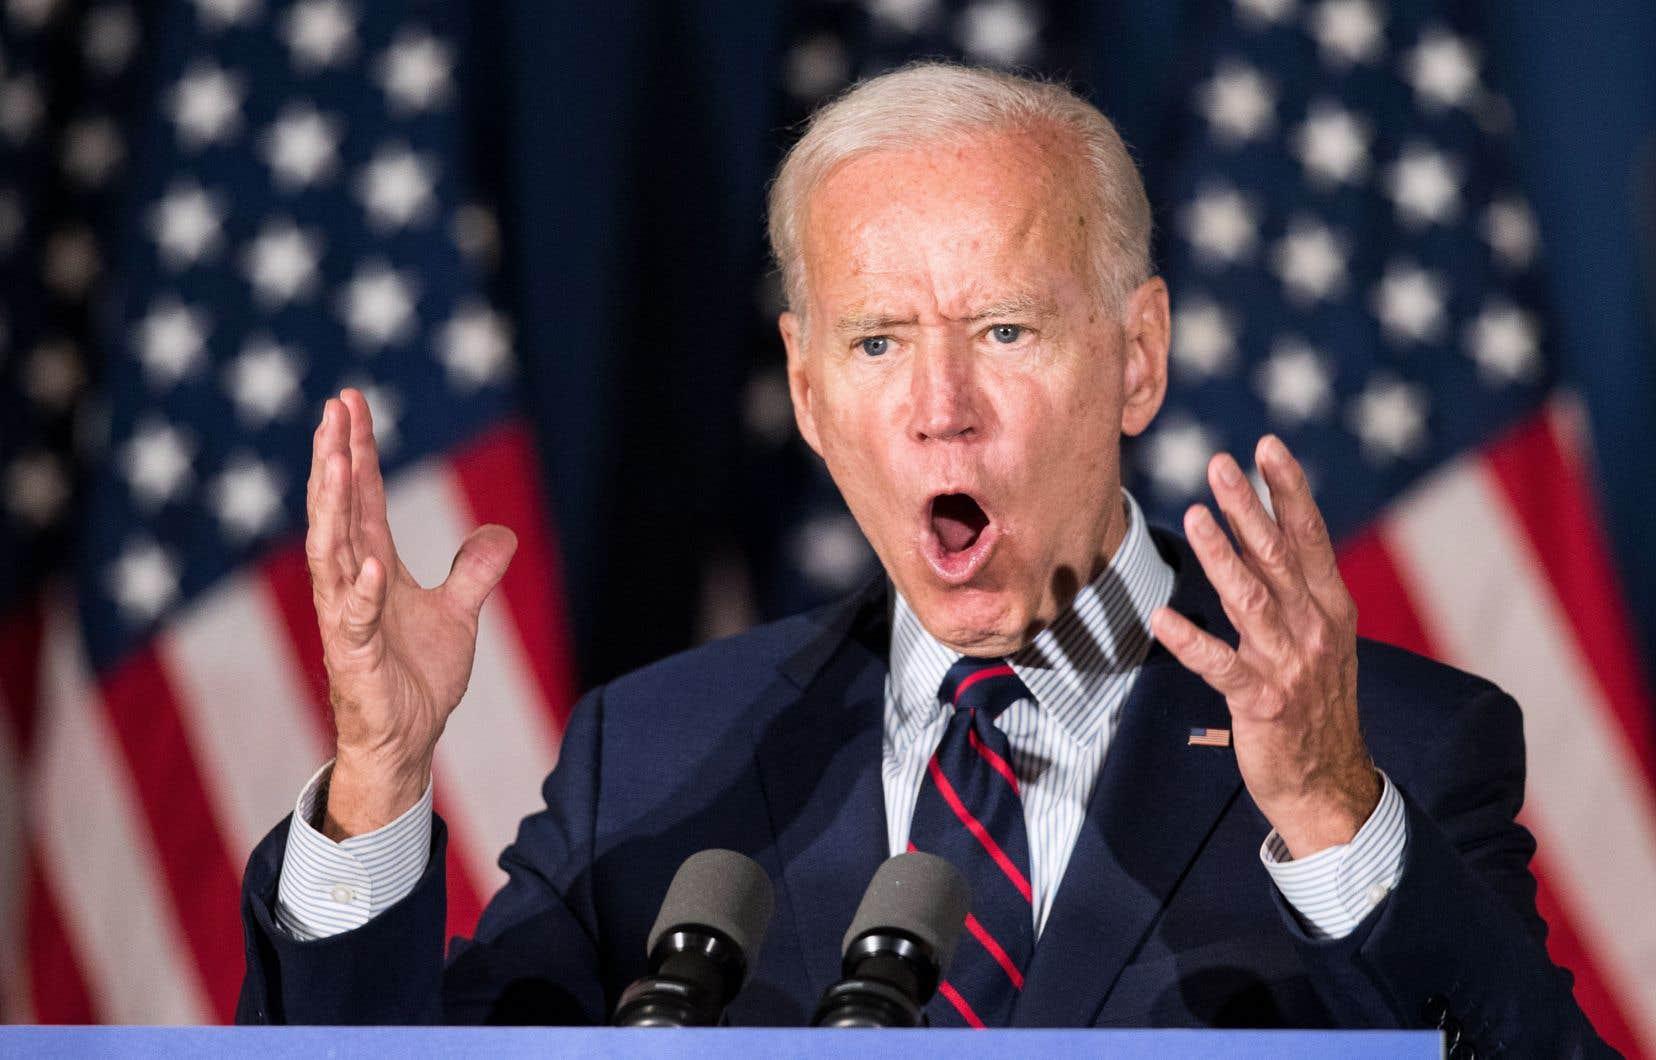 «Pour protéger notre Constitution, notre démocratie, nos principes fondamentaux, [Donald Trump] doit être visé par une procédure de destitution», a affirmé mercredi Joe Biden.